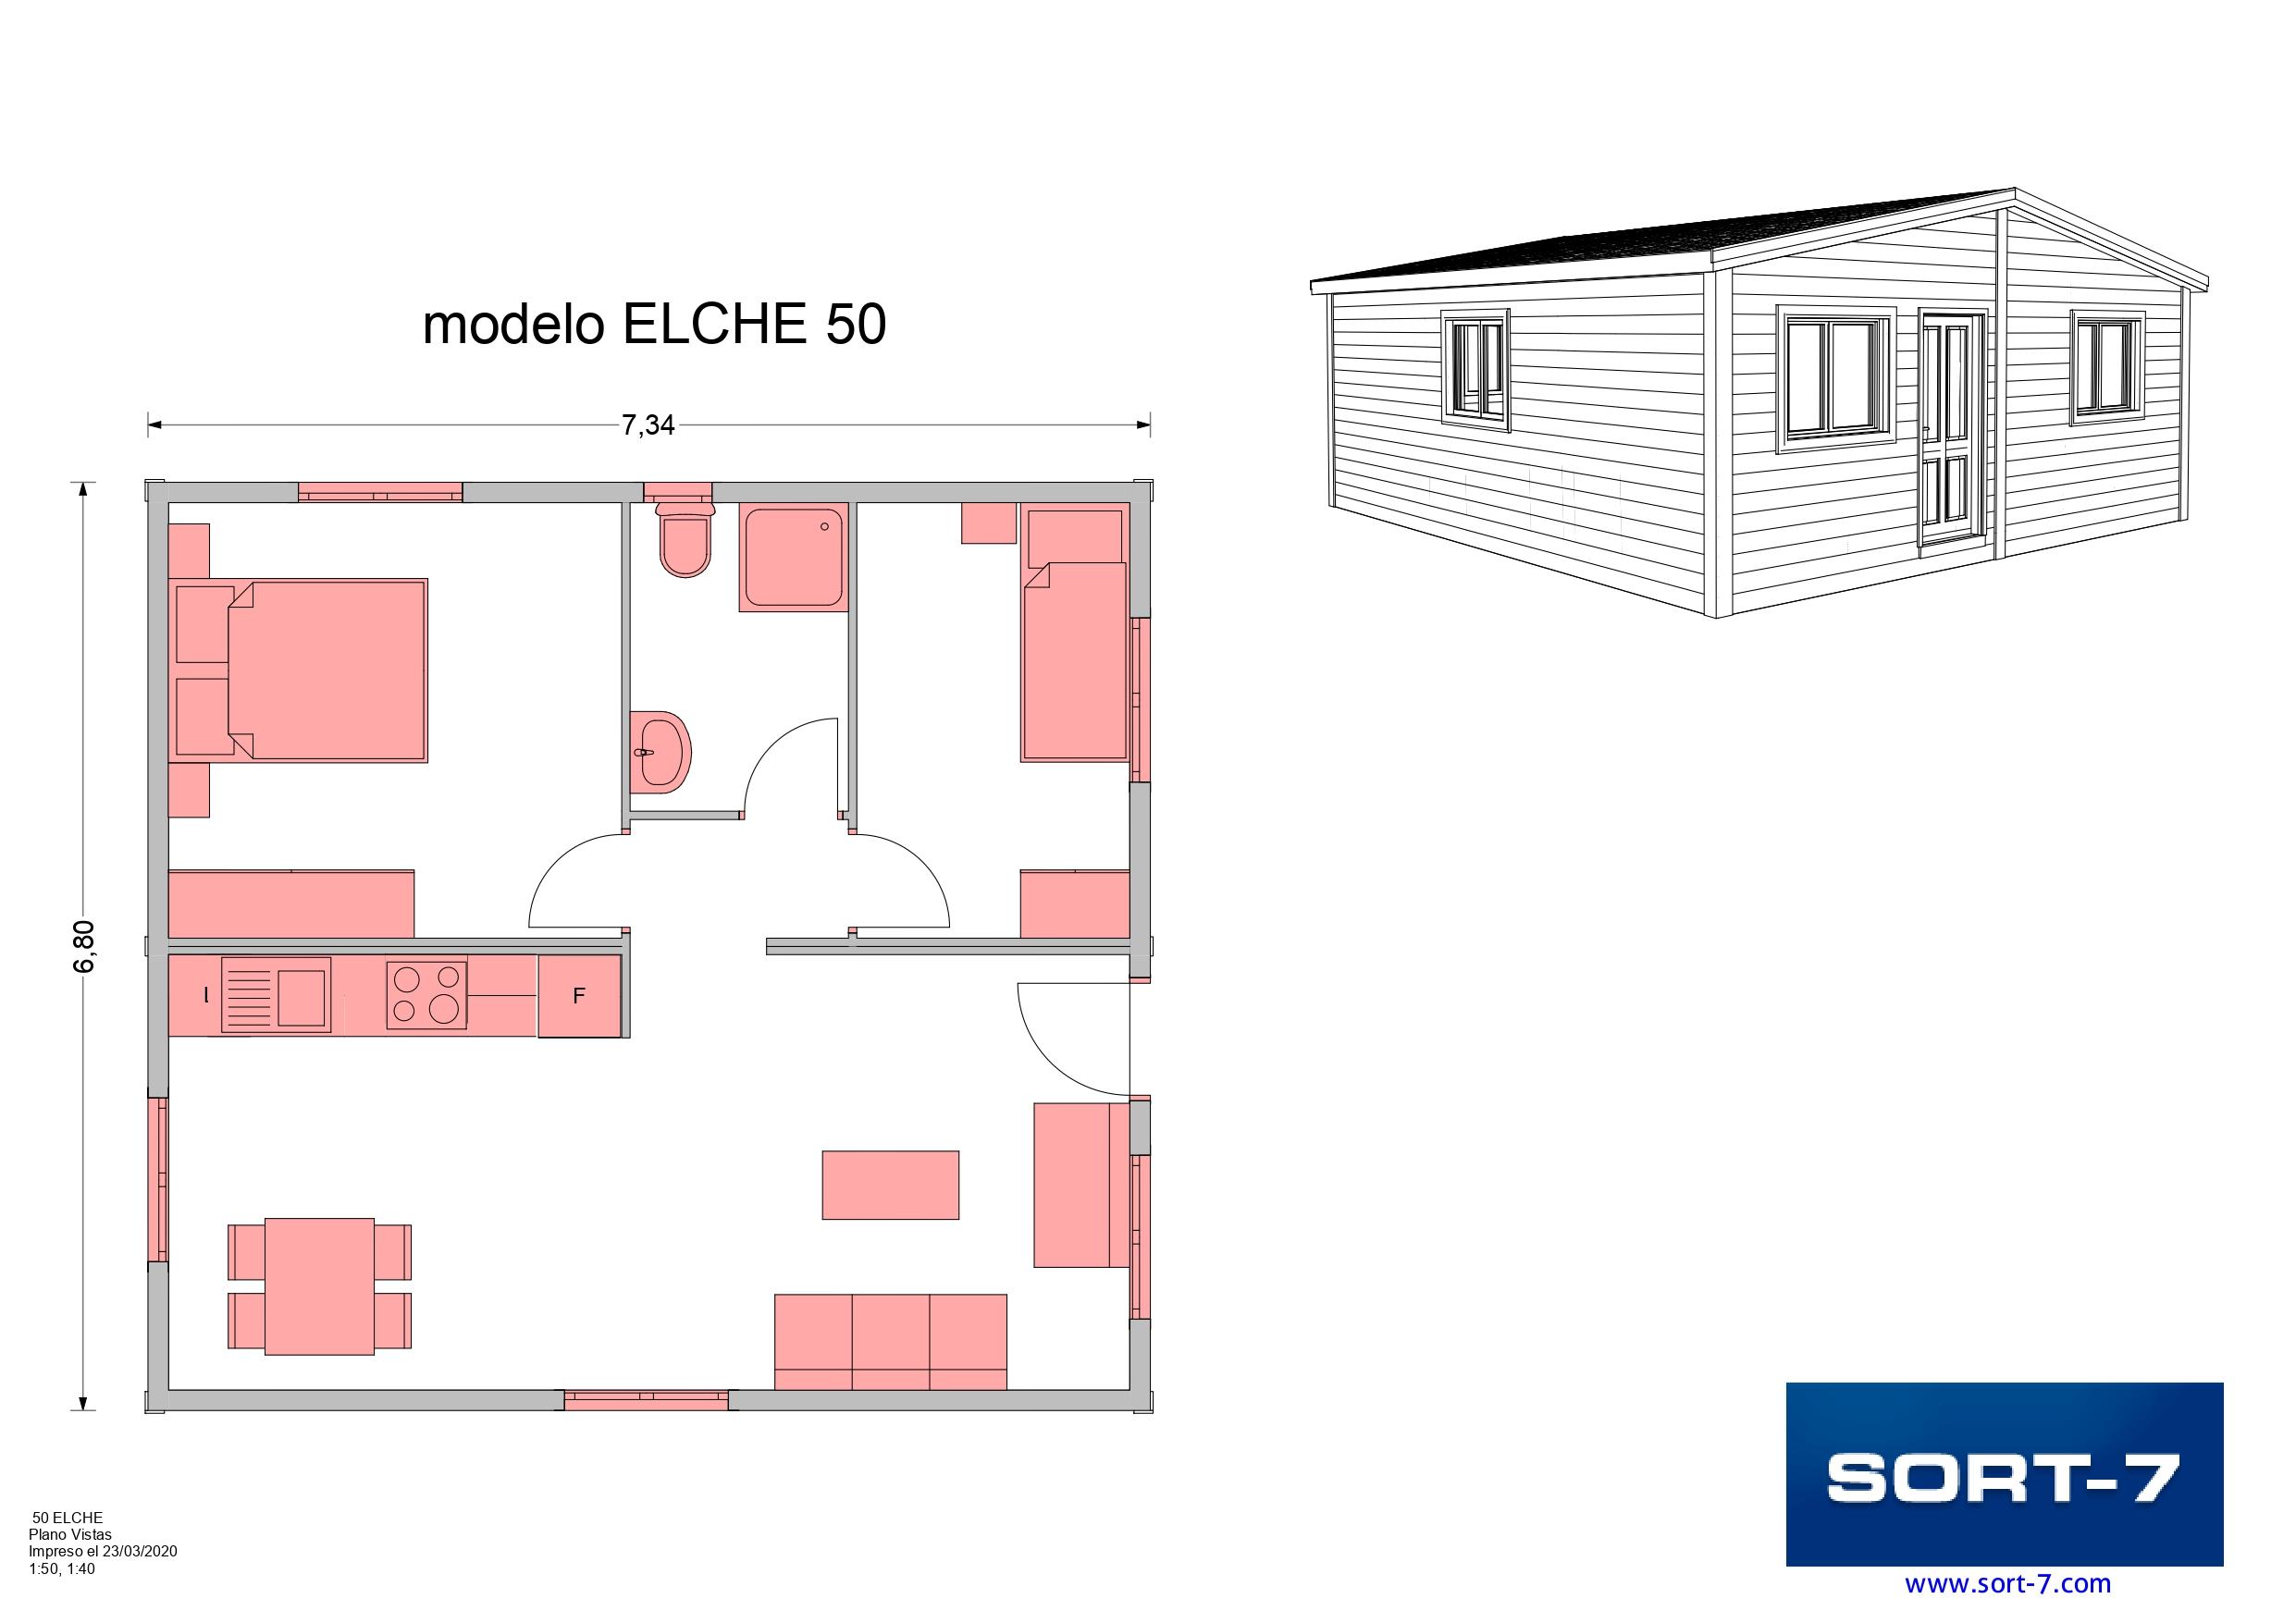 Solicitar presupuesto: Modelo 50m² Elche - 0b714-50-ELCHE-vistas12_page-0001.jpg